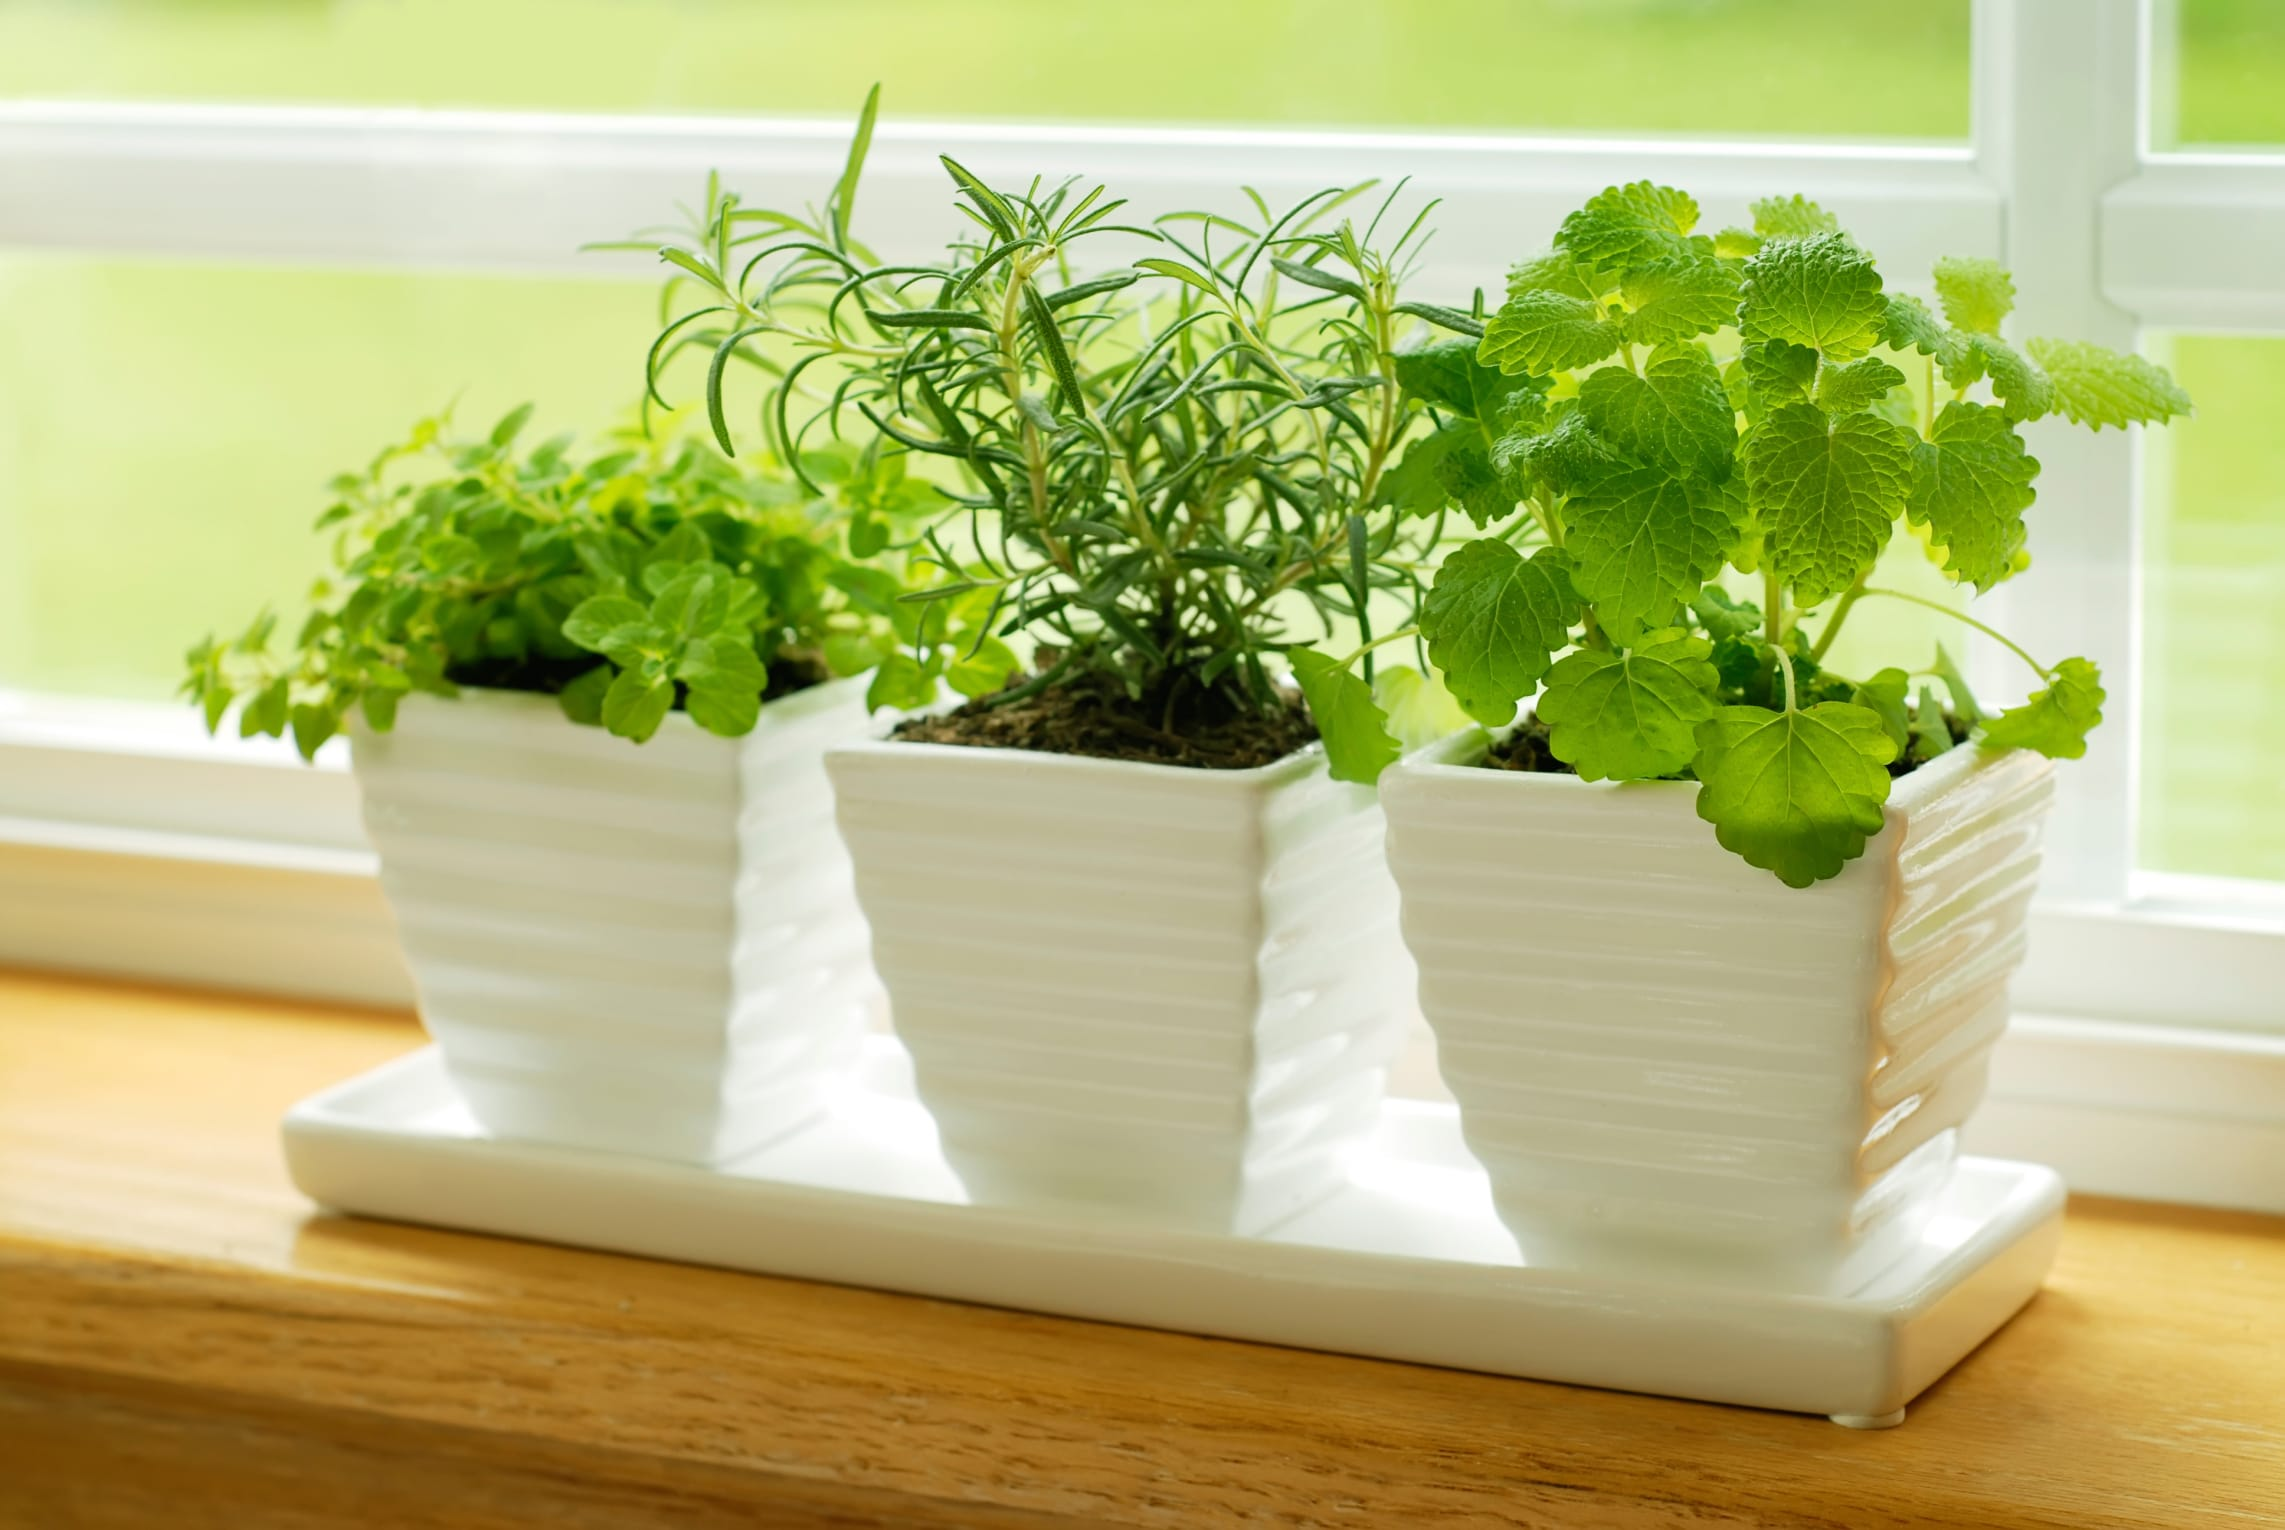 Piante aromatiche da coltivare in casa - Non sprecare